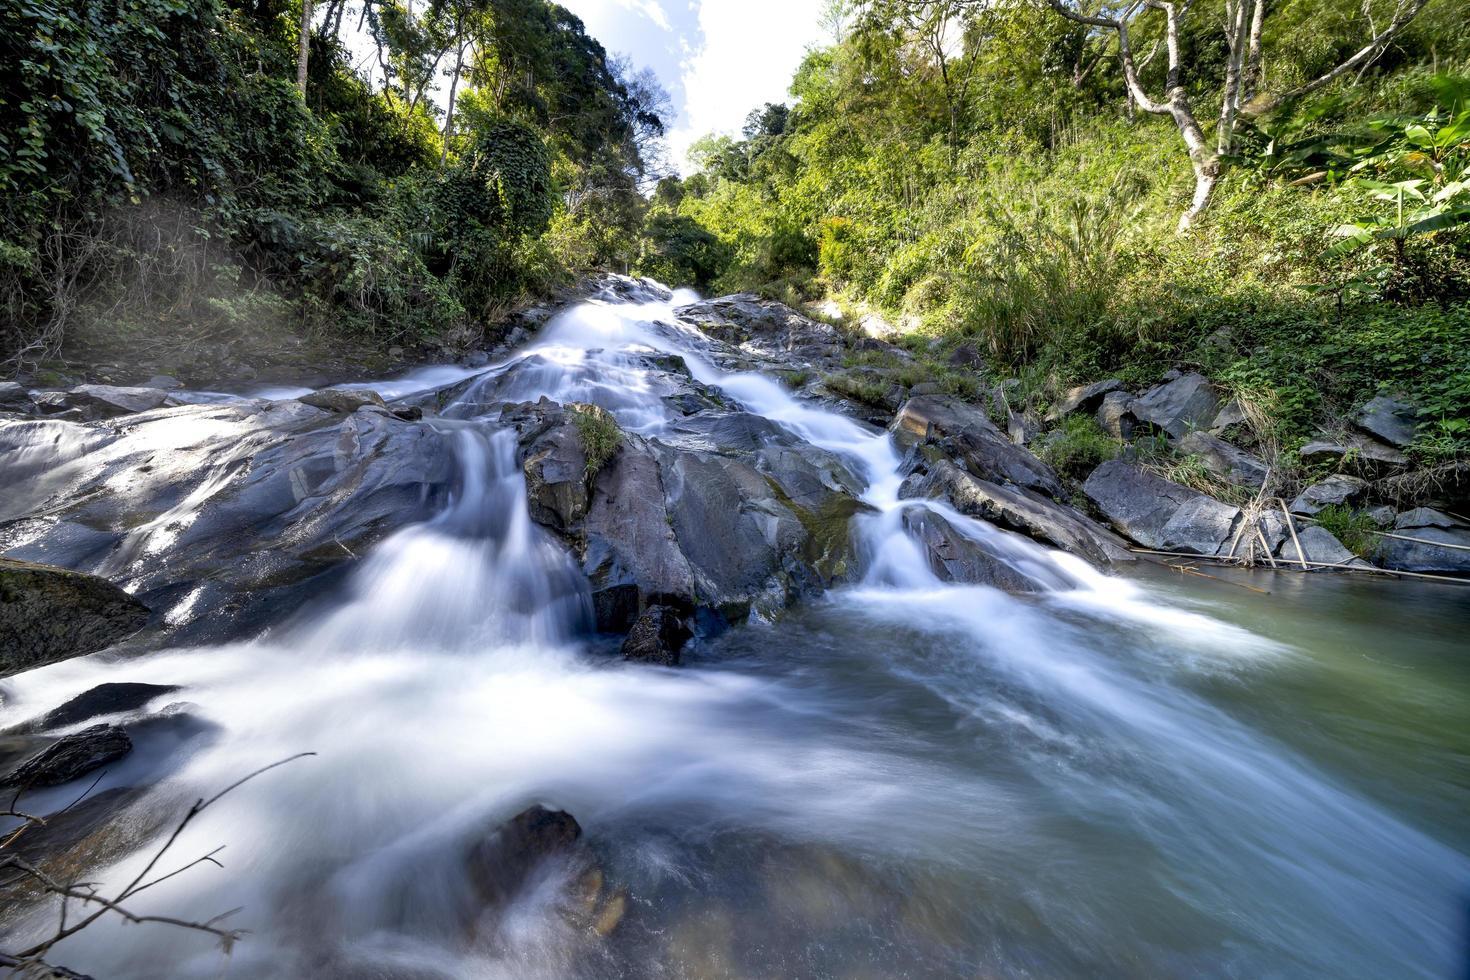 rivière et forêt time-lapse photo